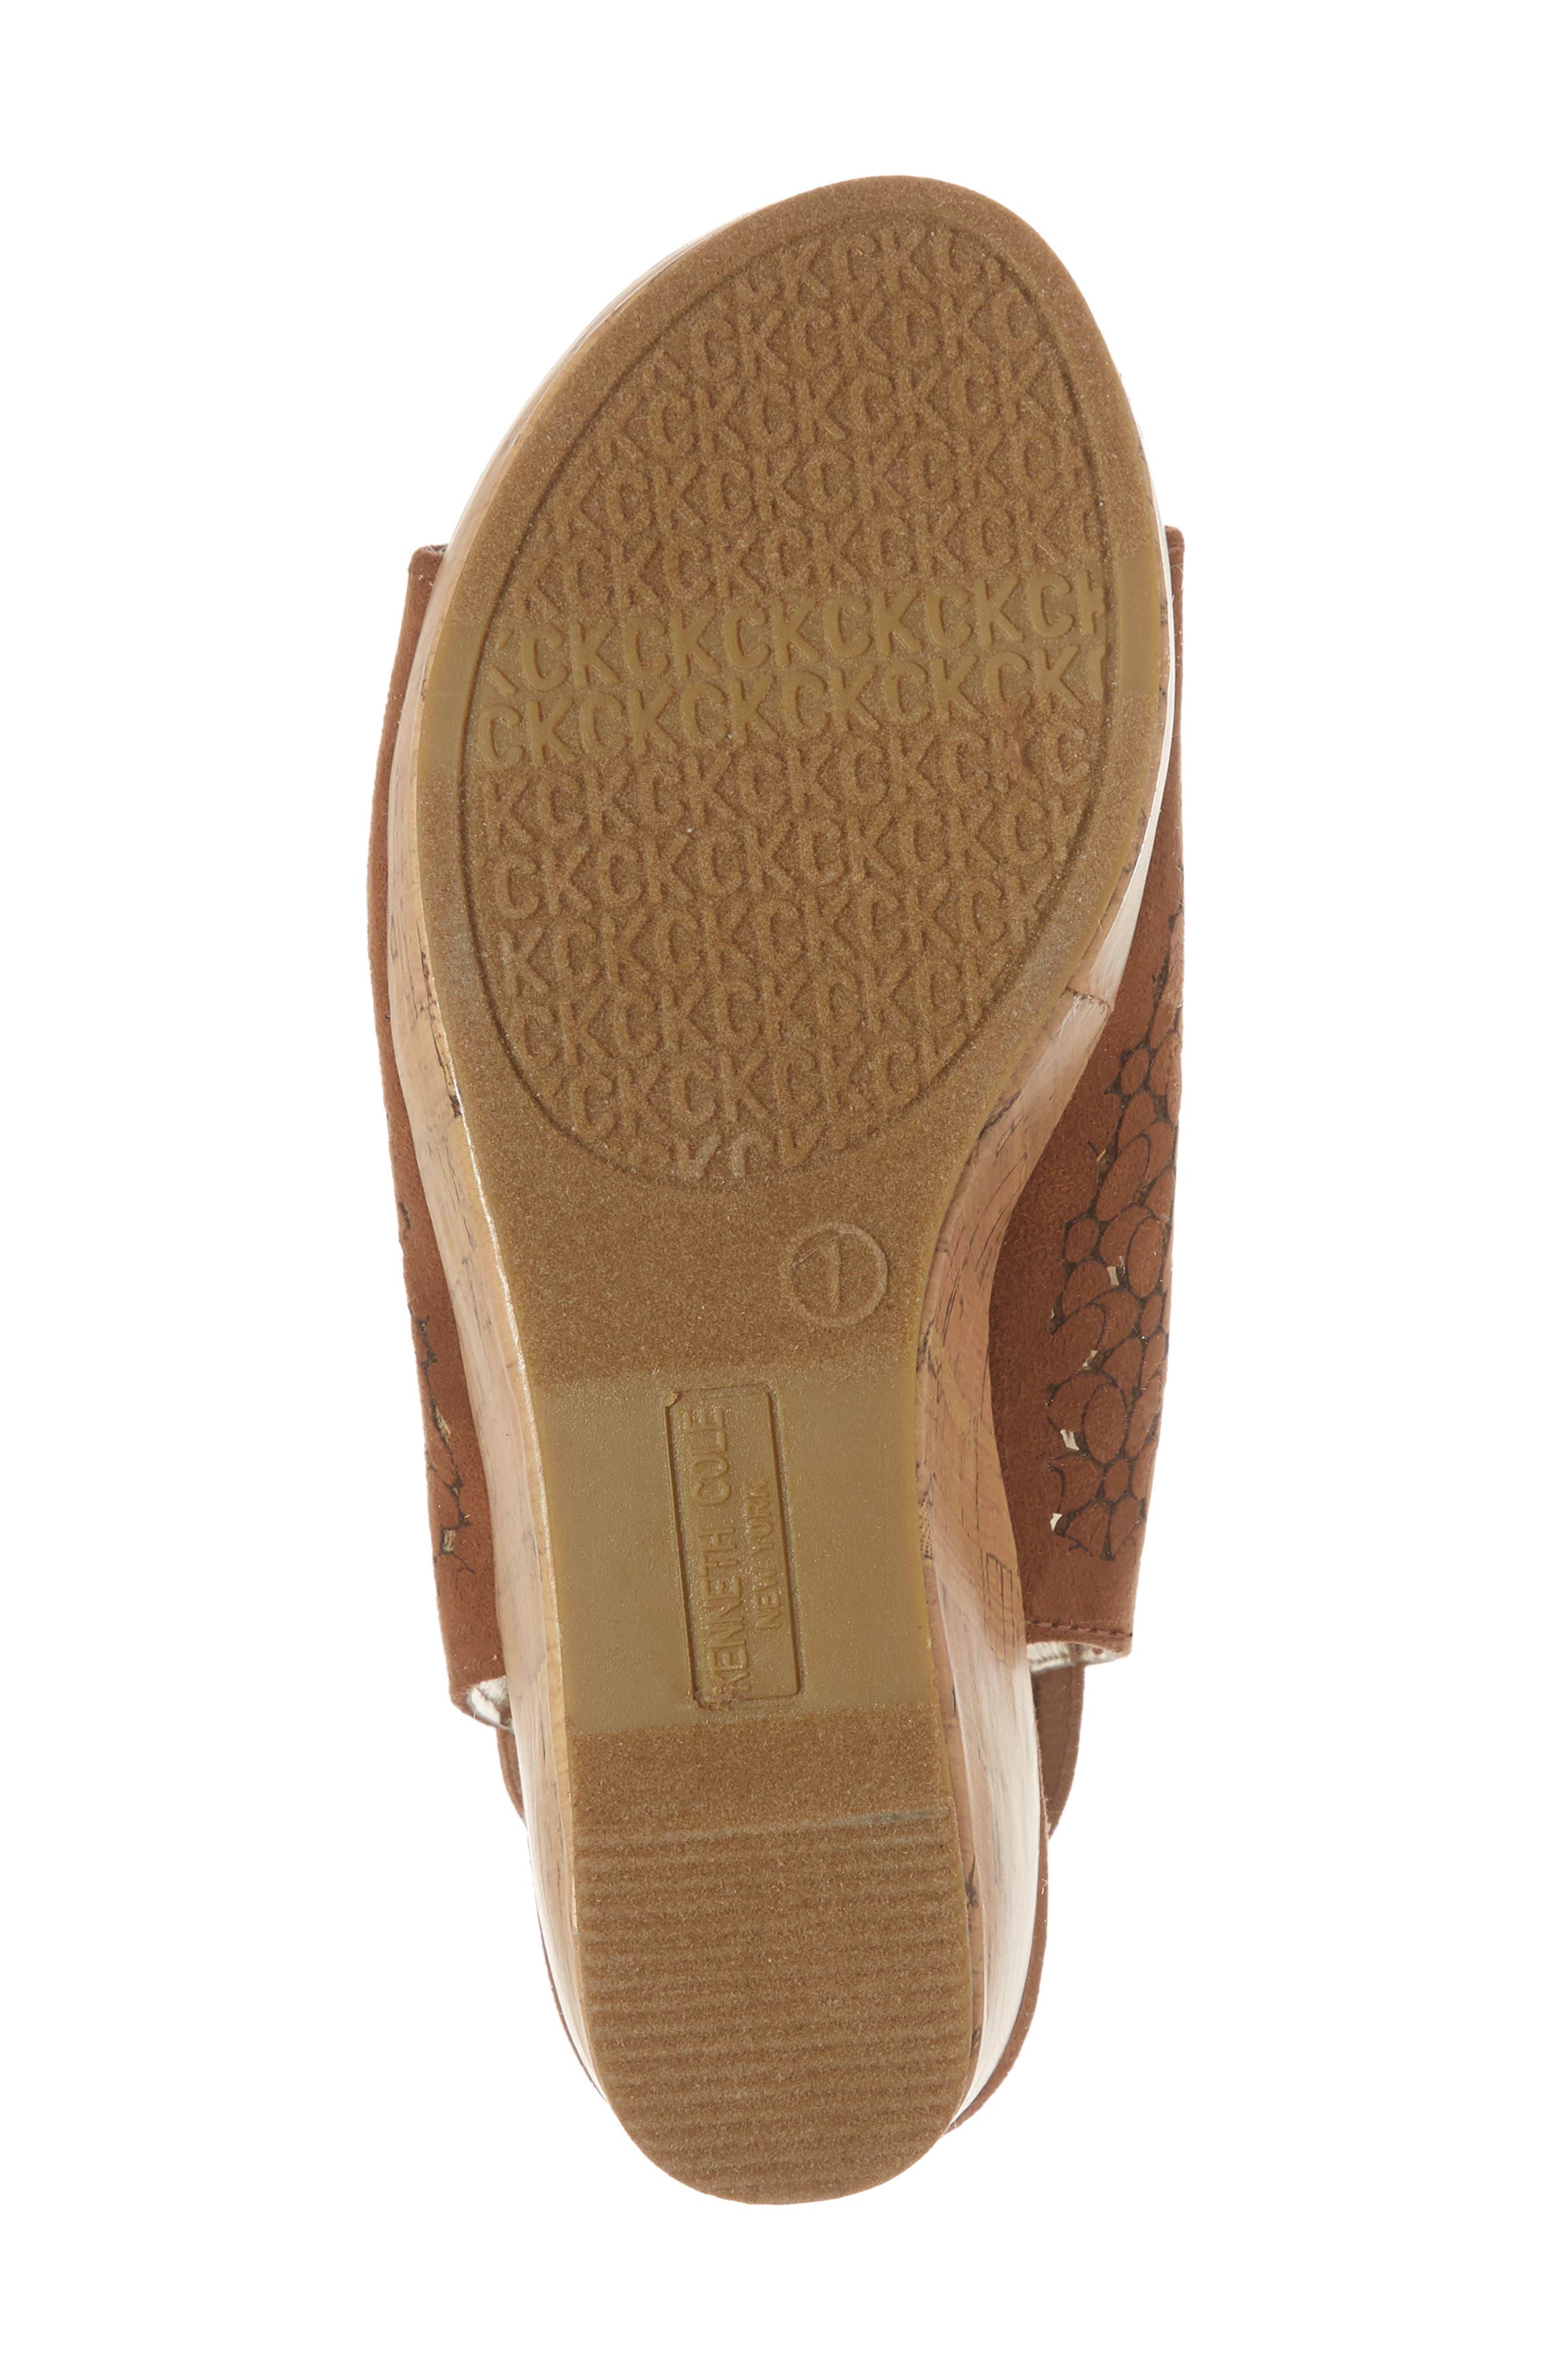 Corrine Finestra Wedge Sandal,                             Alternate thumbnail 6, color,                             255